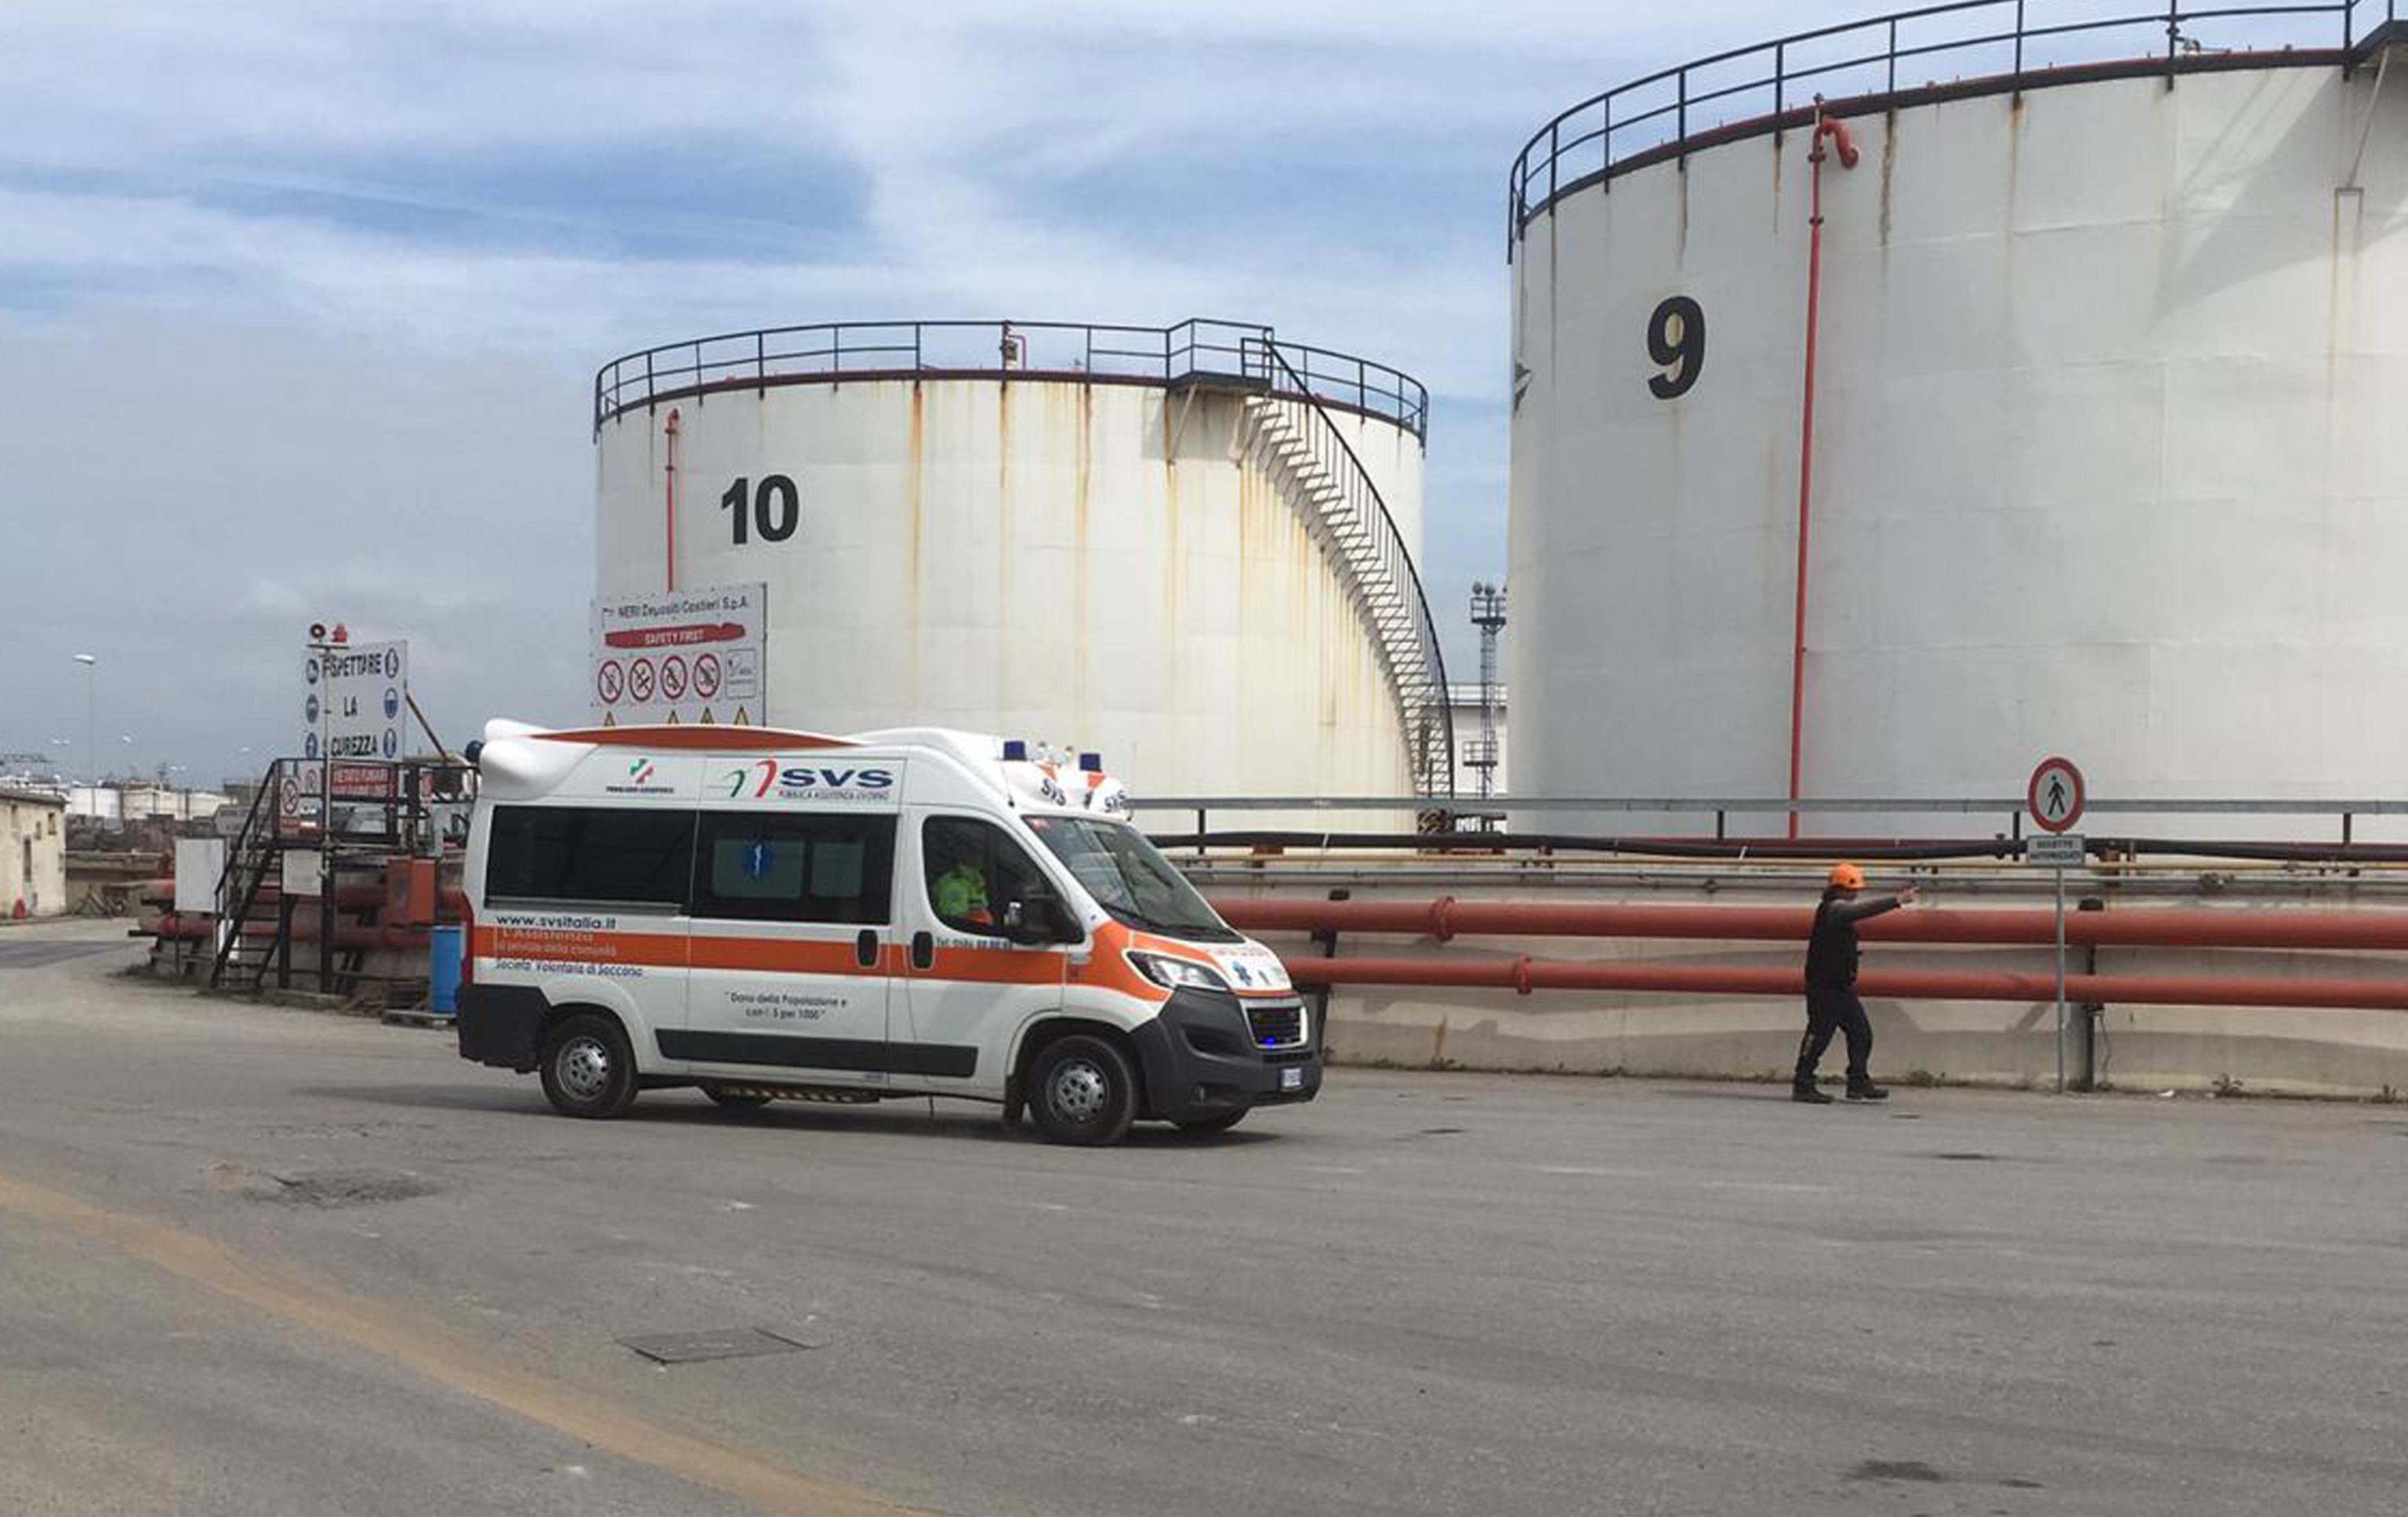 Esplosione al porto di Livorno, due operai morti e un ferito grave: evacuata la zona